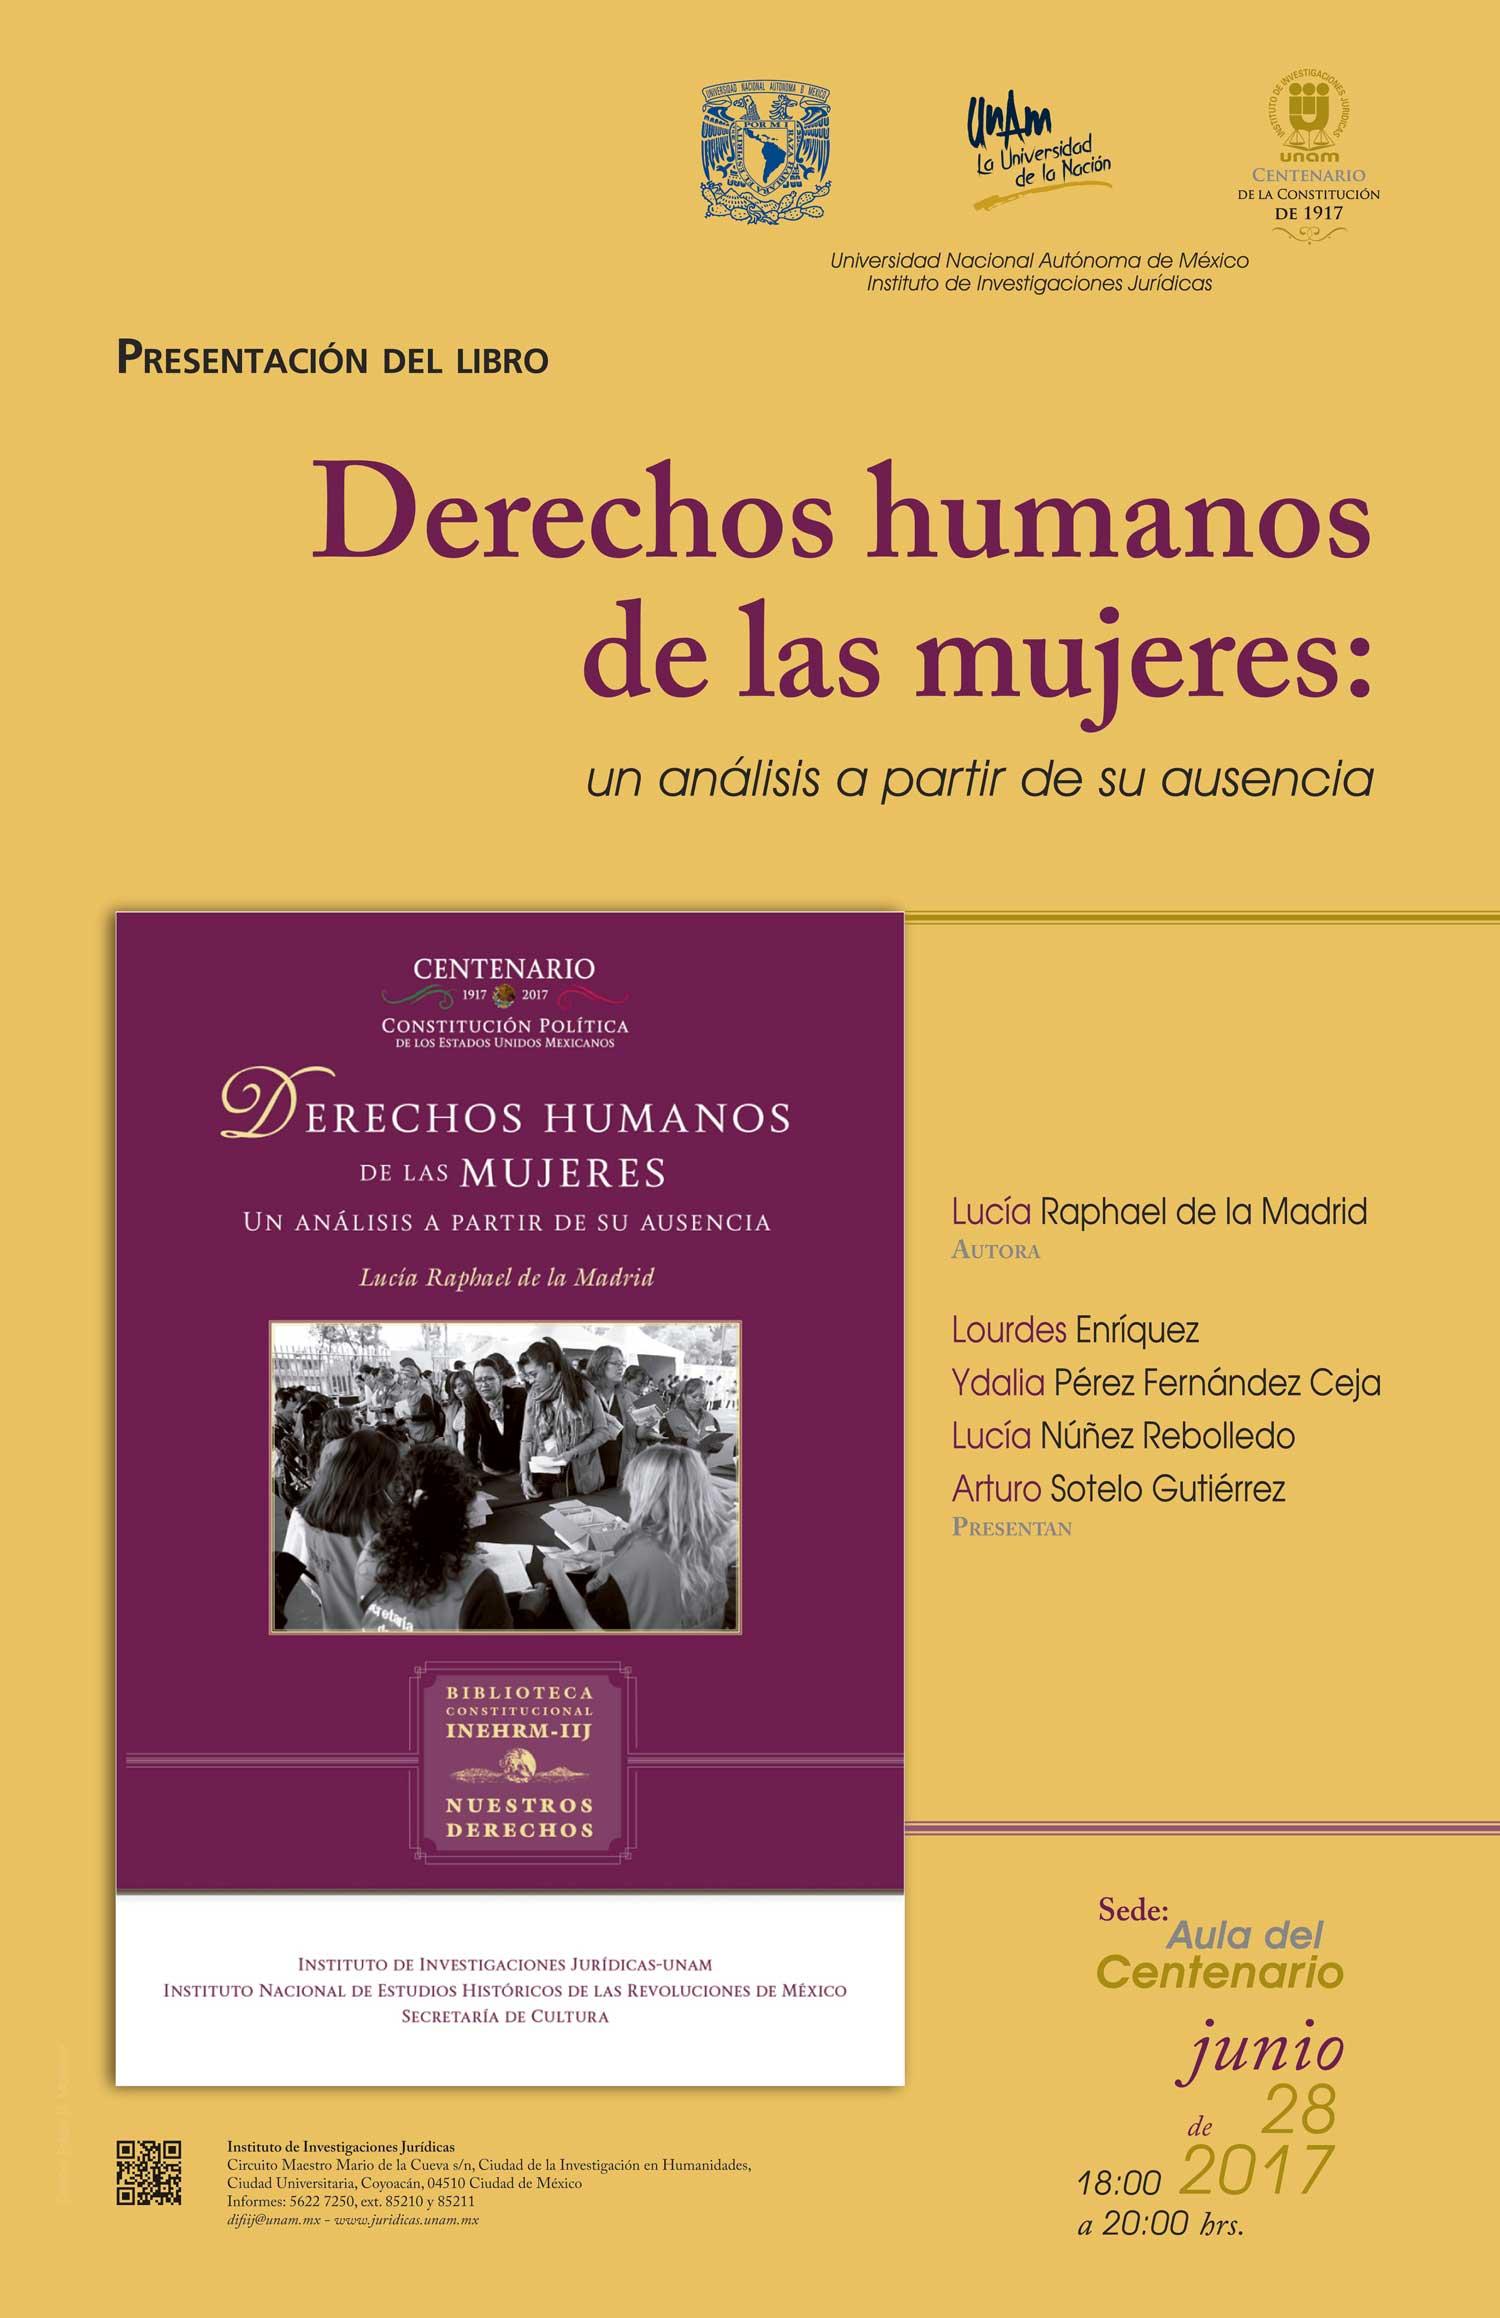 Derechos Humanos de las mujeres: un análisis a partir de su ausencia